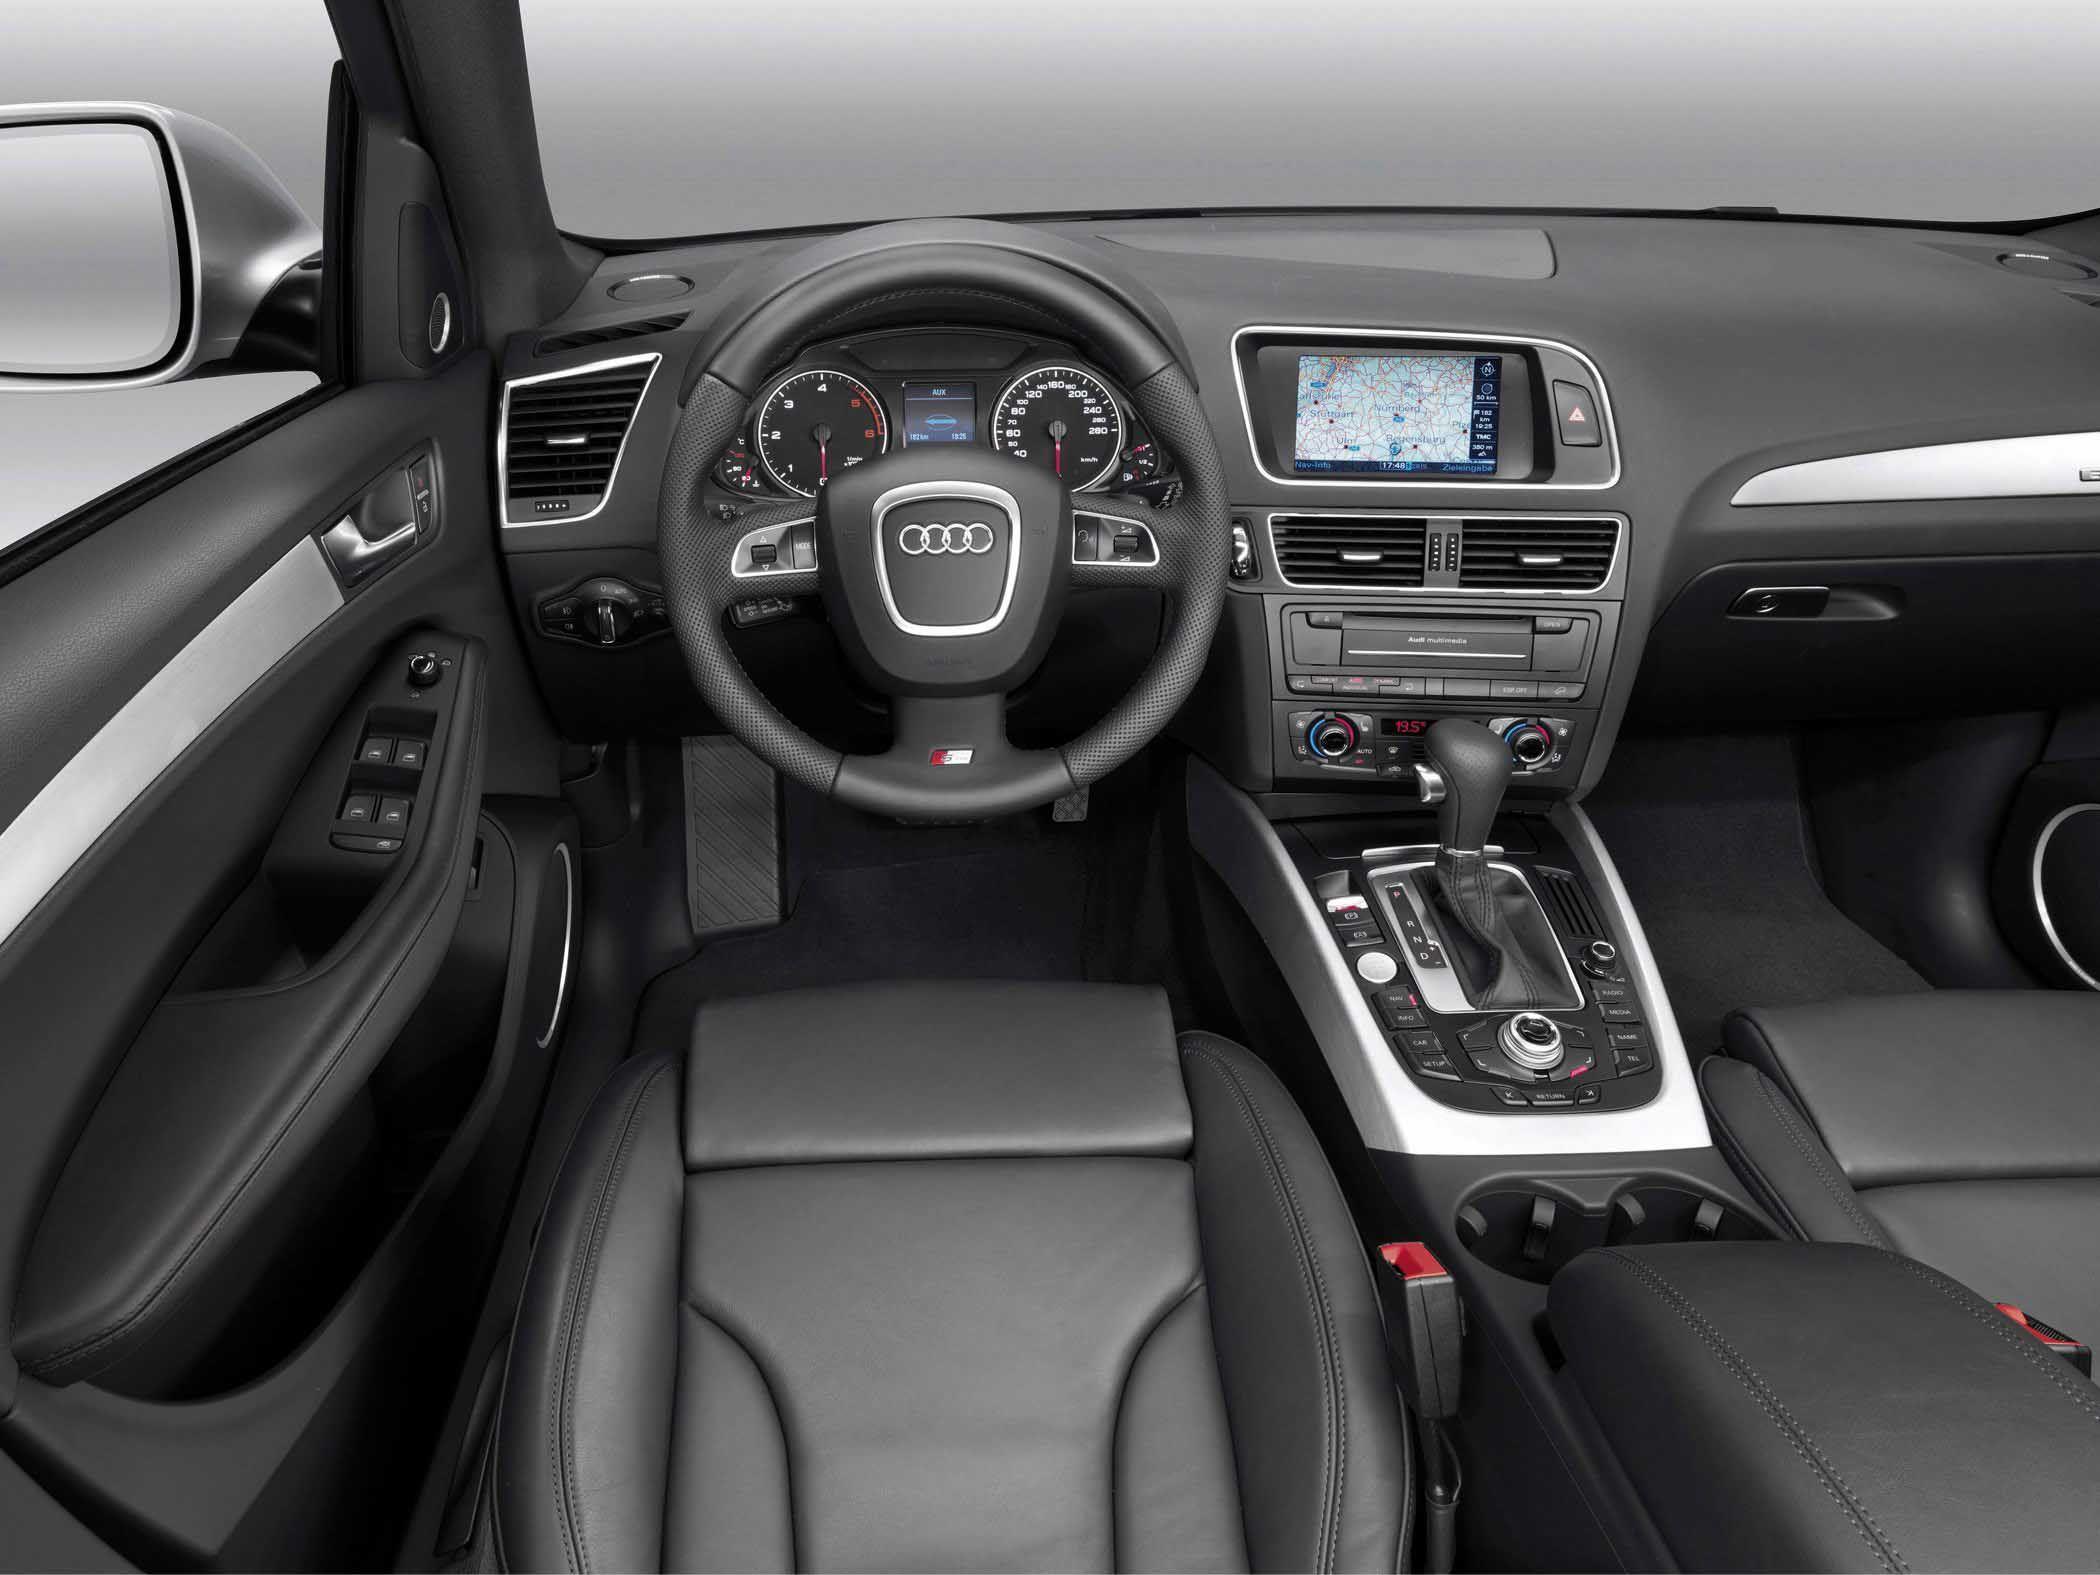 Captivating 10 Gorgeous Audi Q5 Hybrid Quattro Interior IPhone Background A